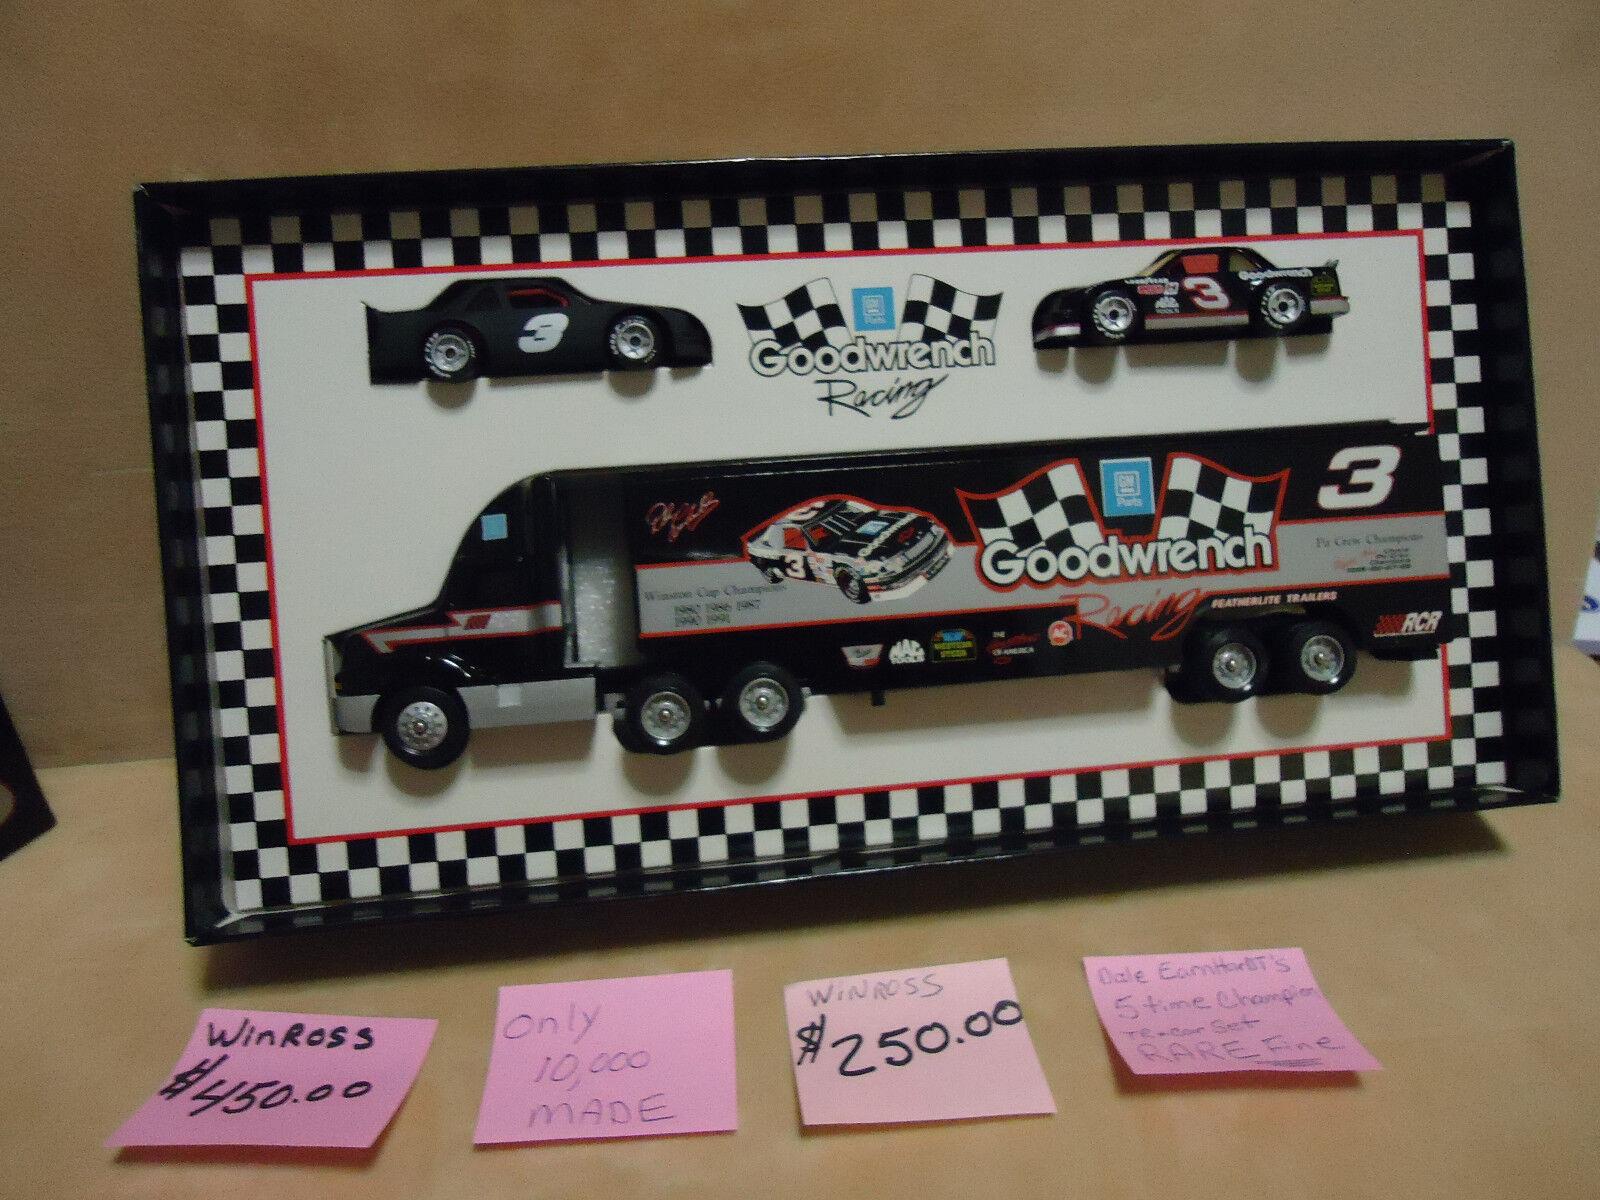 WINROSS DALE EARNHARDT SR. NASCAR  3 GOODWRENCH SET WINROSS CARS